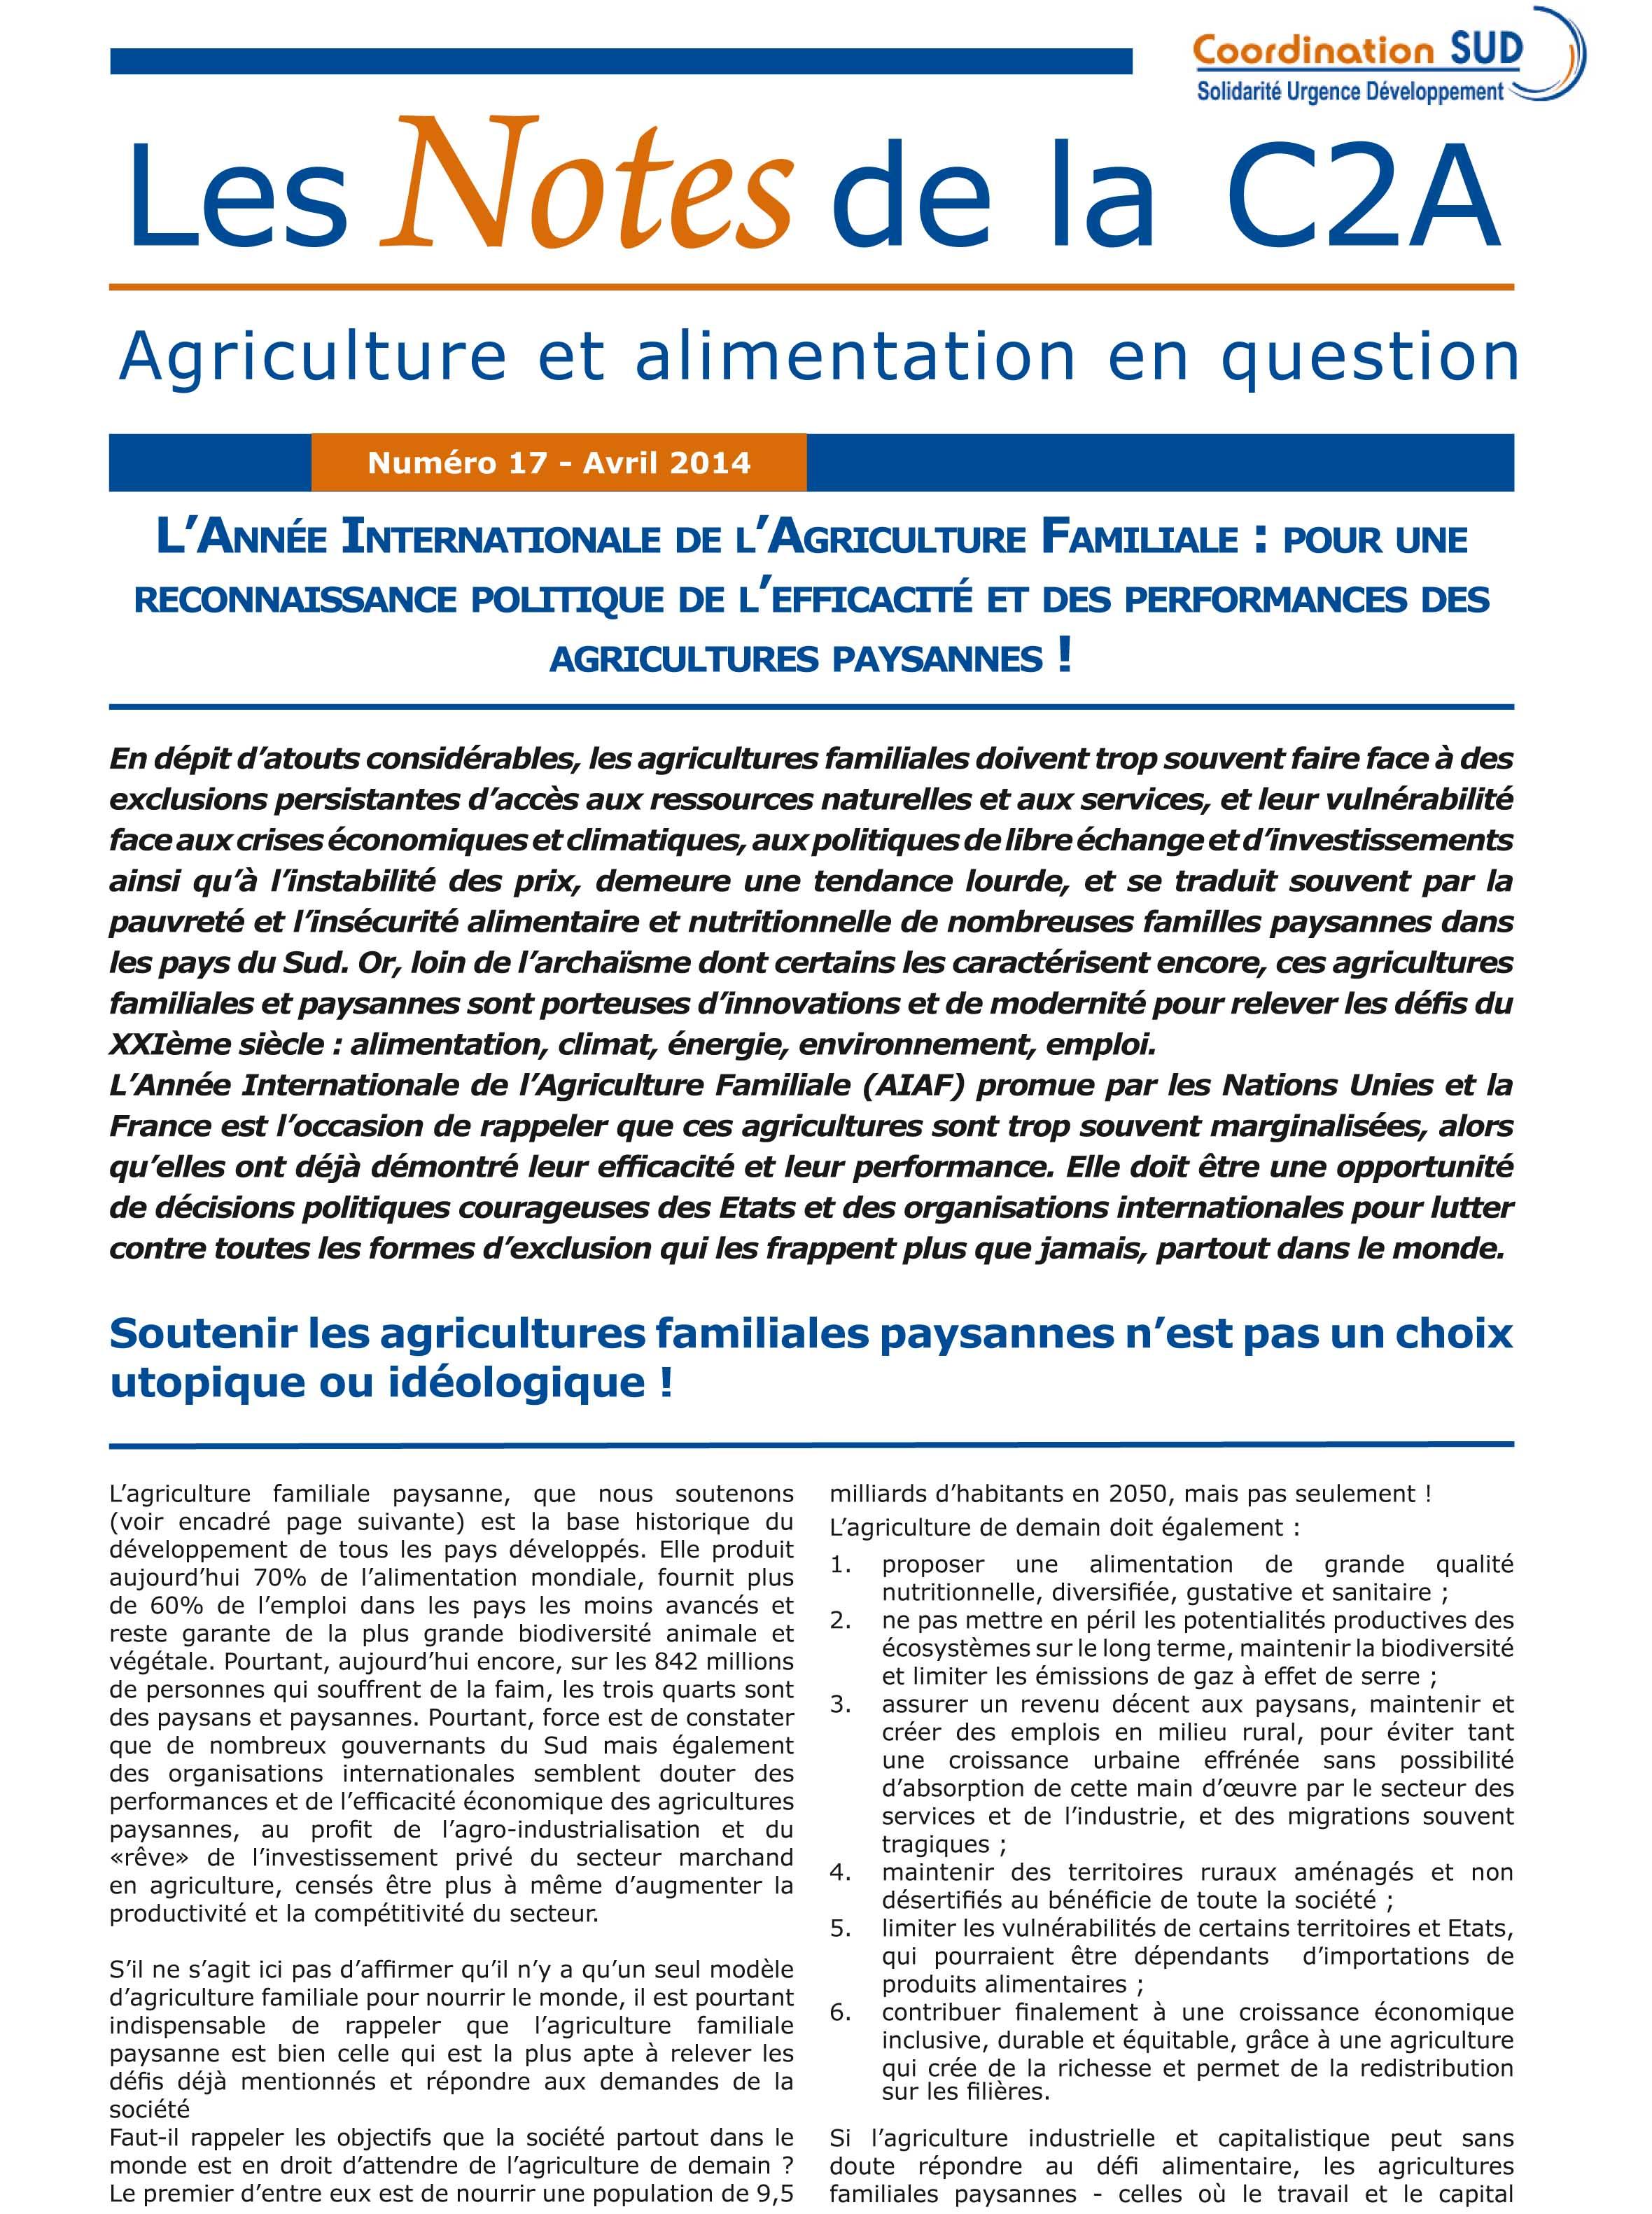 L'Année Internationale des Agricultures Familiales : pour une reconnaissance politique de l'efficacité et des performances des agricultures paysannes !  Image principale